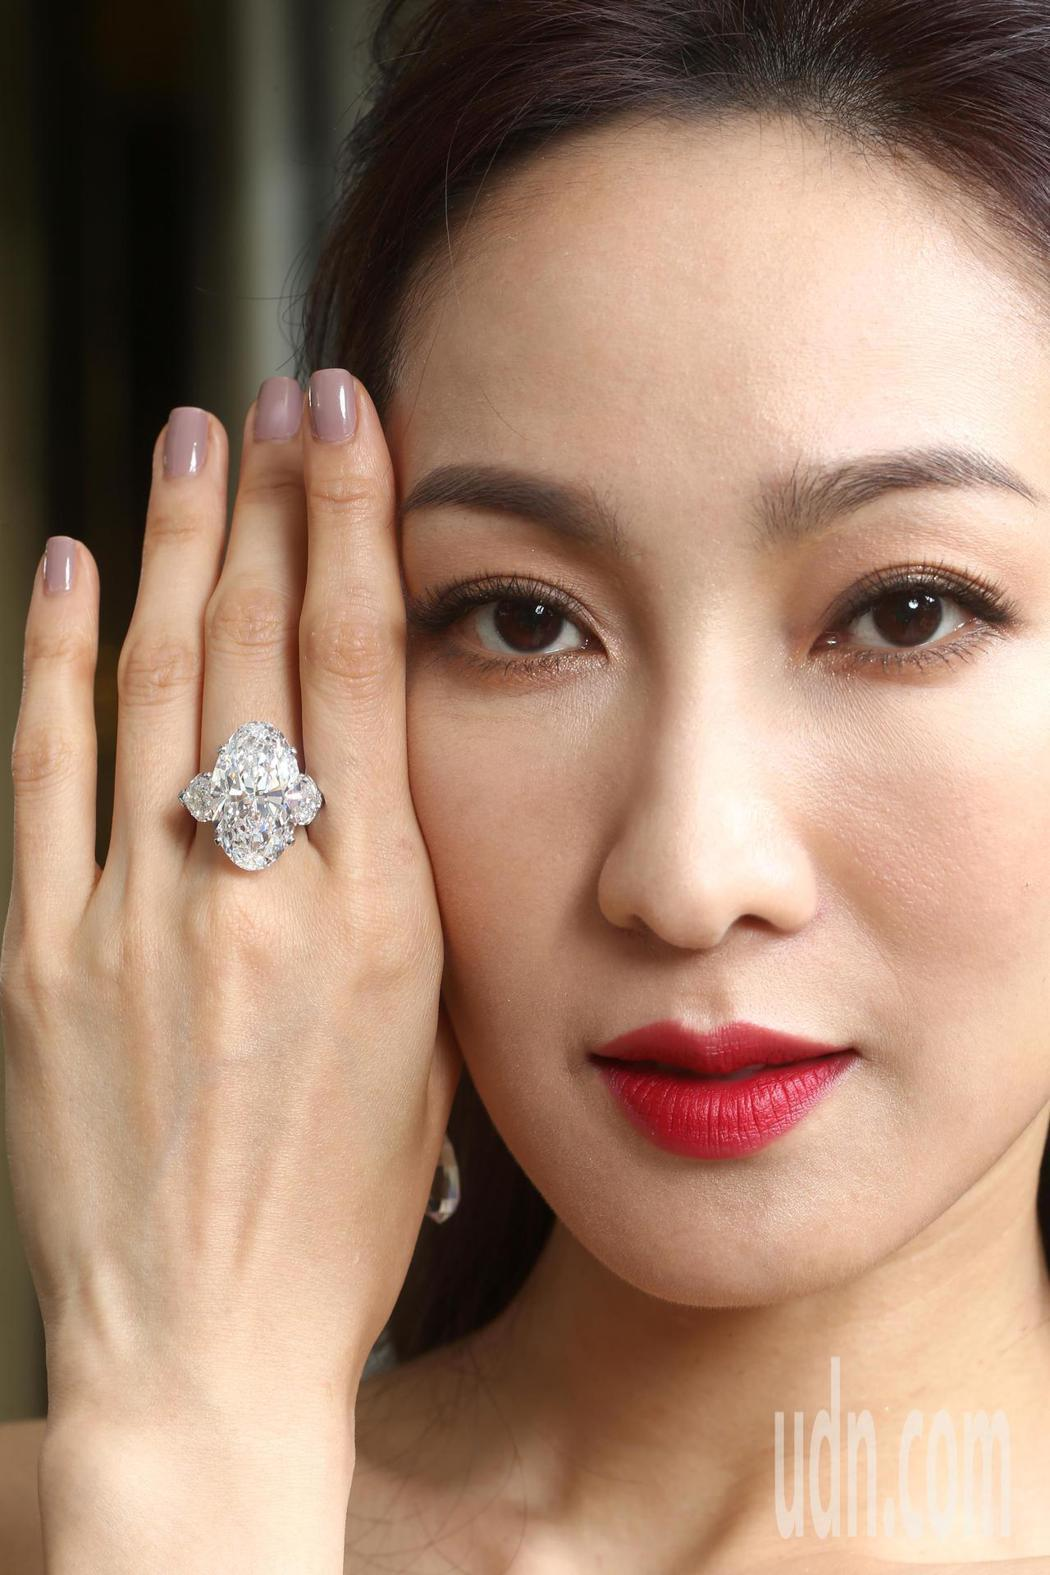 李曉涵演繹格拉夫22.52克拉D色無瑕橢圓形鑽石戒指。記者蘇健忠/攝影